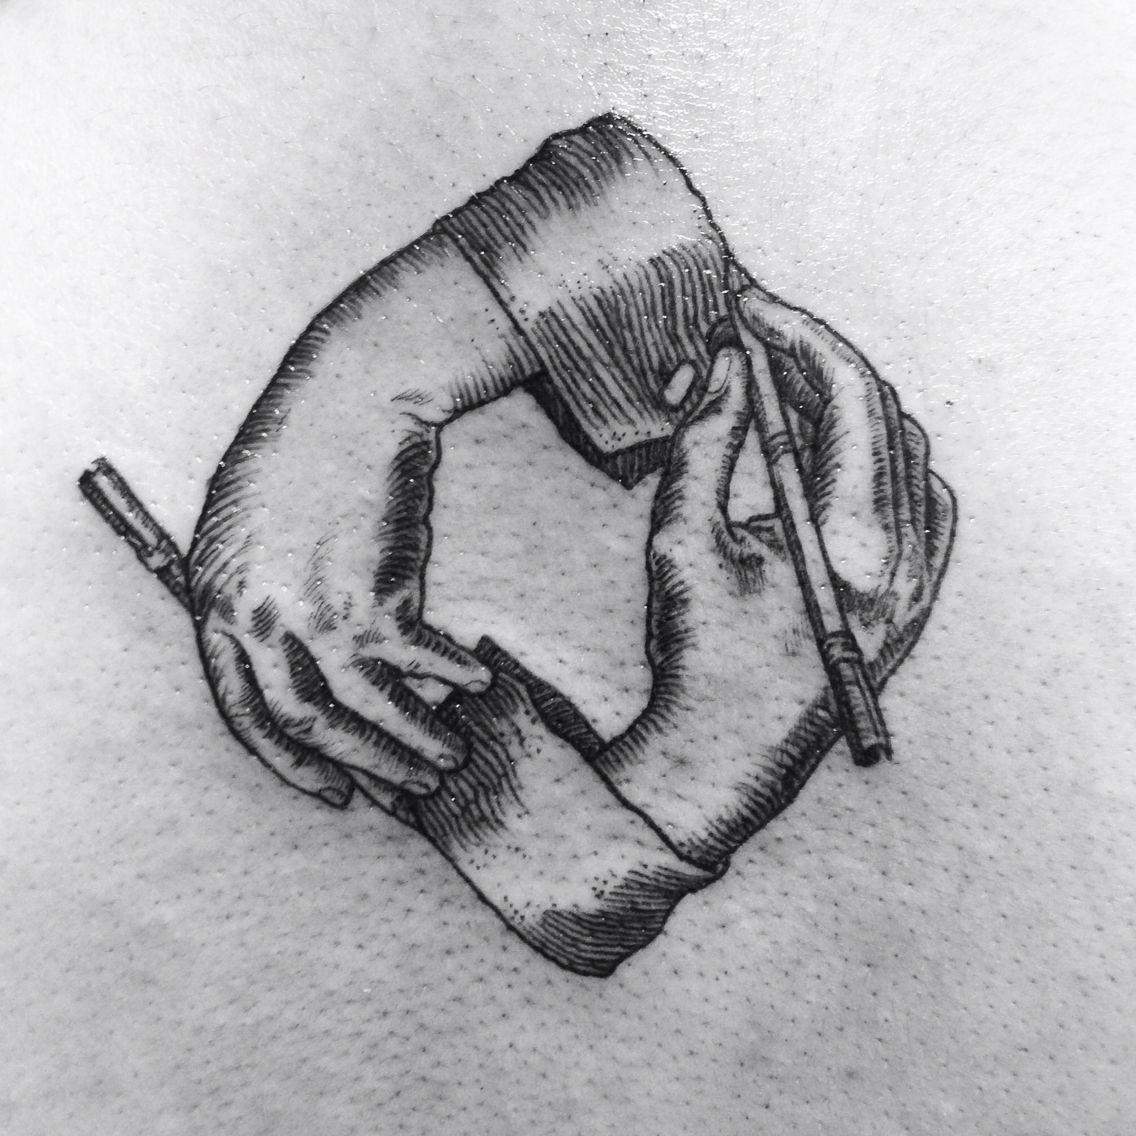 Escher drawing hands by Sol Tattoo